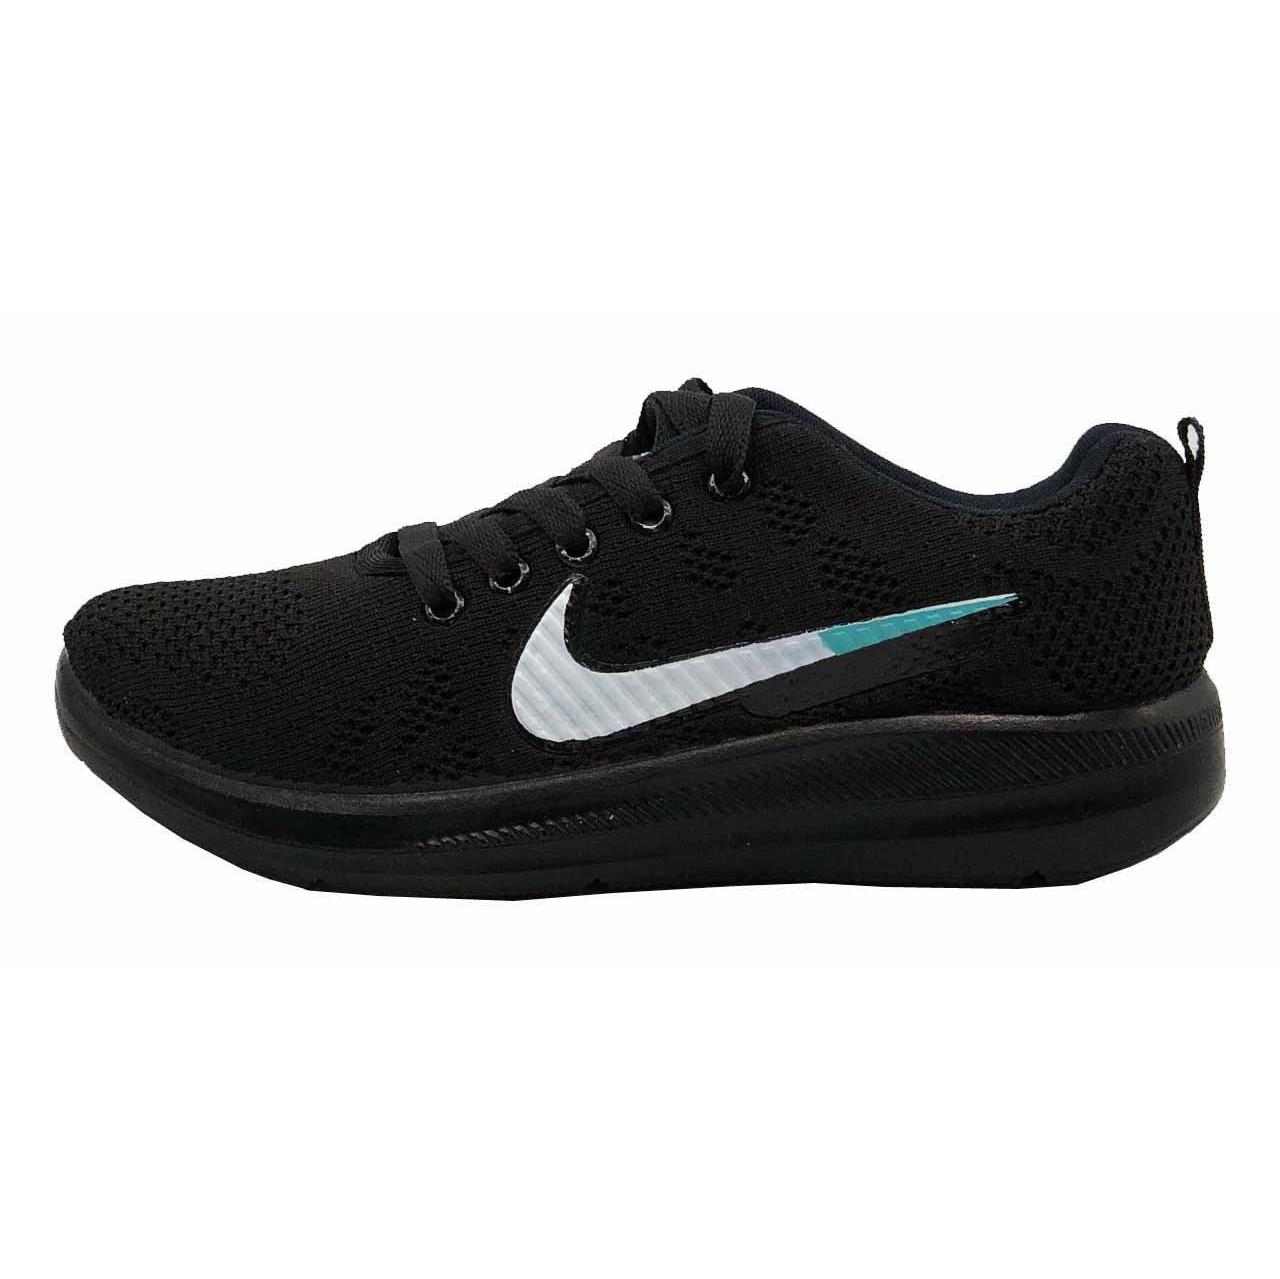 کفش مخصوص پیاده روی زنانه کد 9122